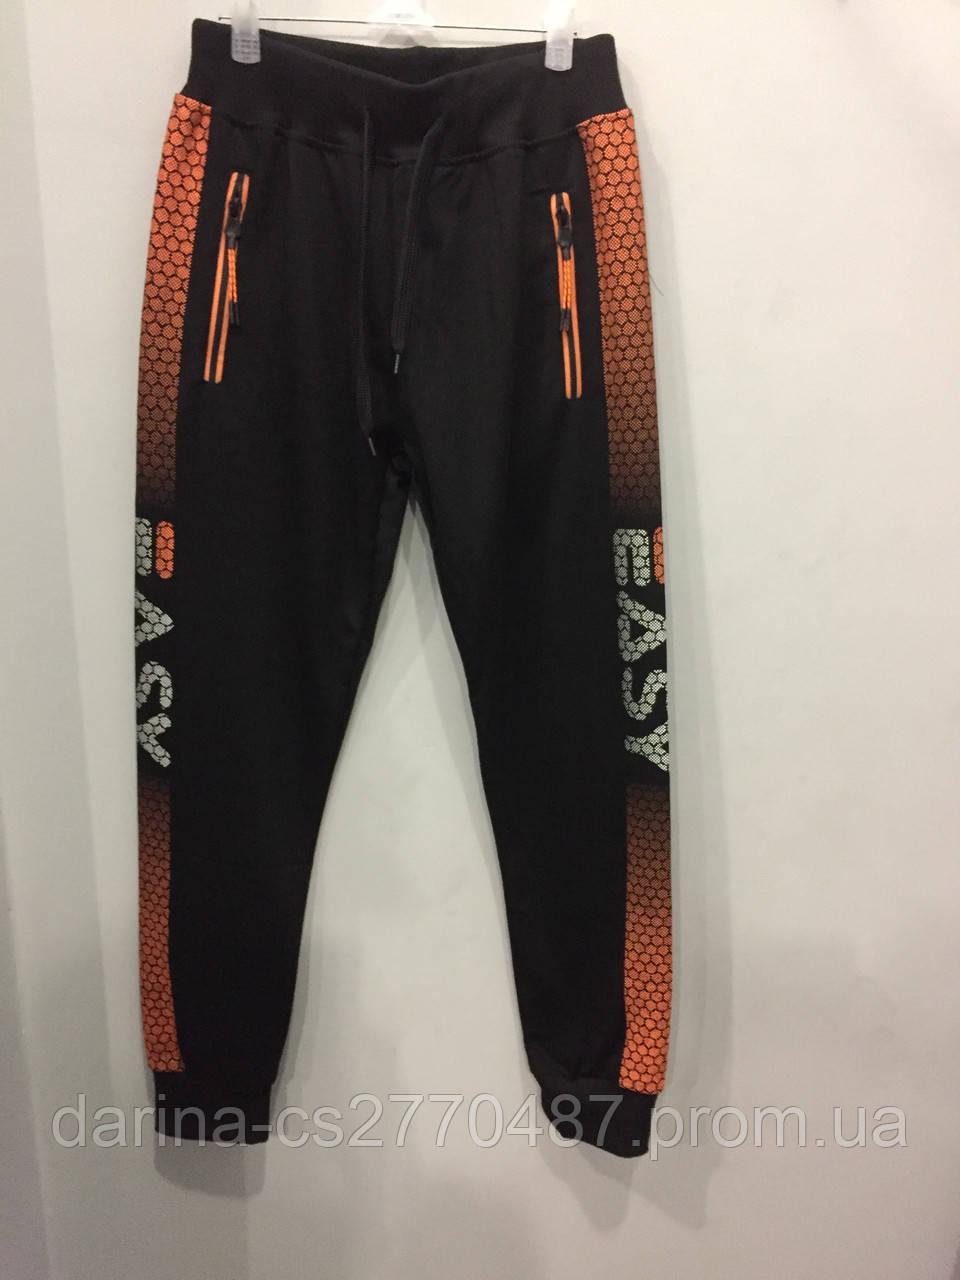 a0b70dcd56a Модные спортивные штаны для мальчика подростка - Дарина - интернет магазин  детской и мужской одежды.